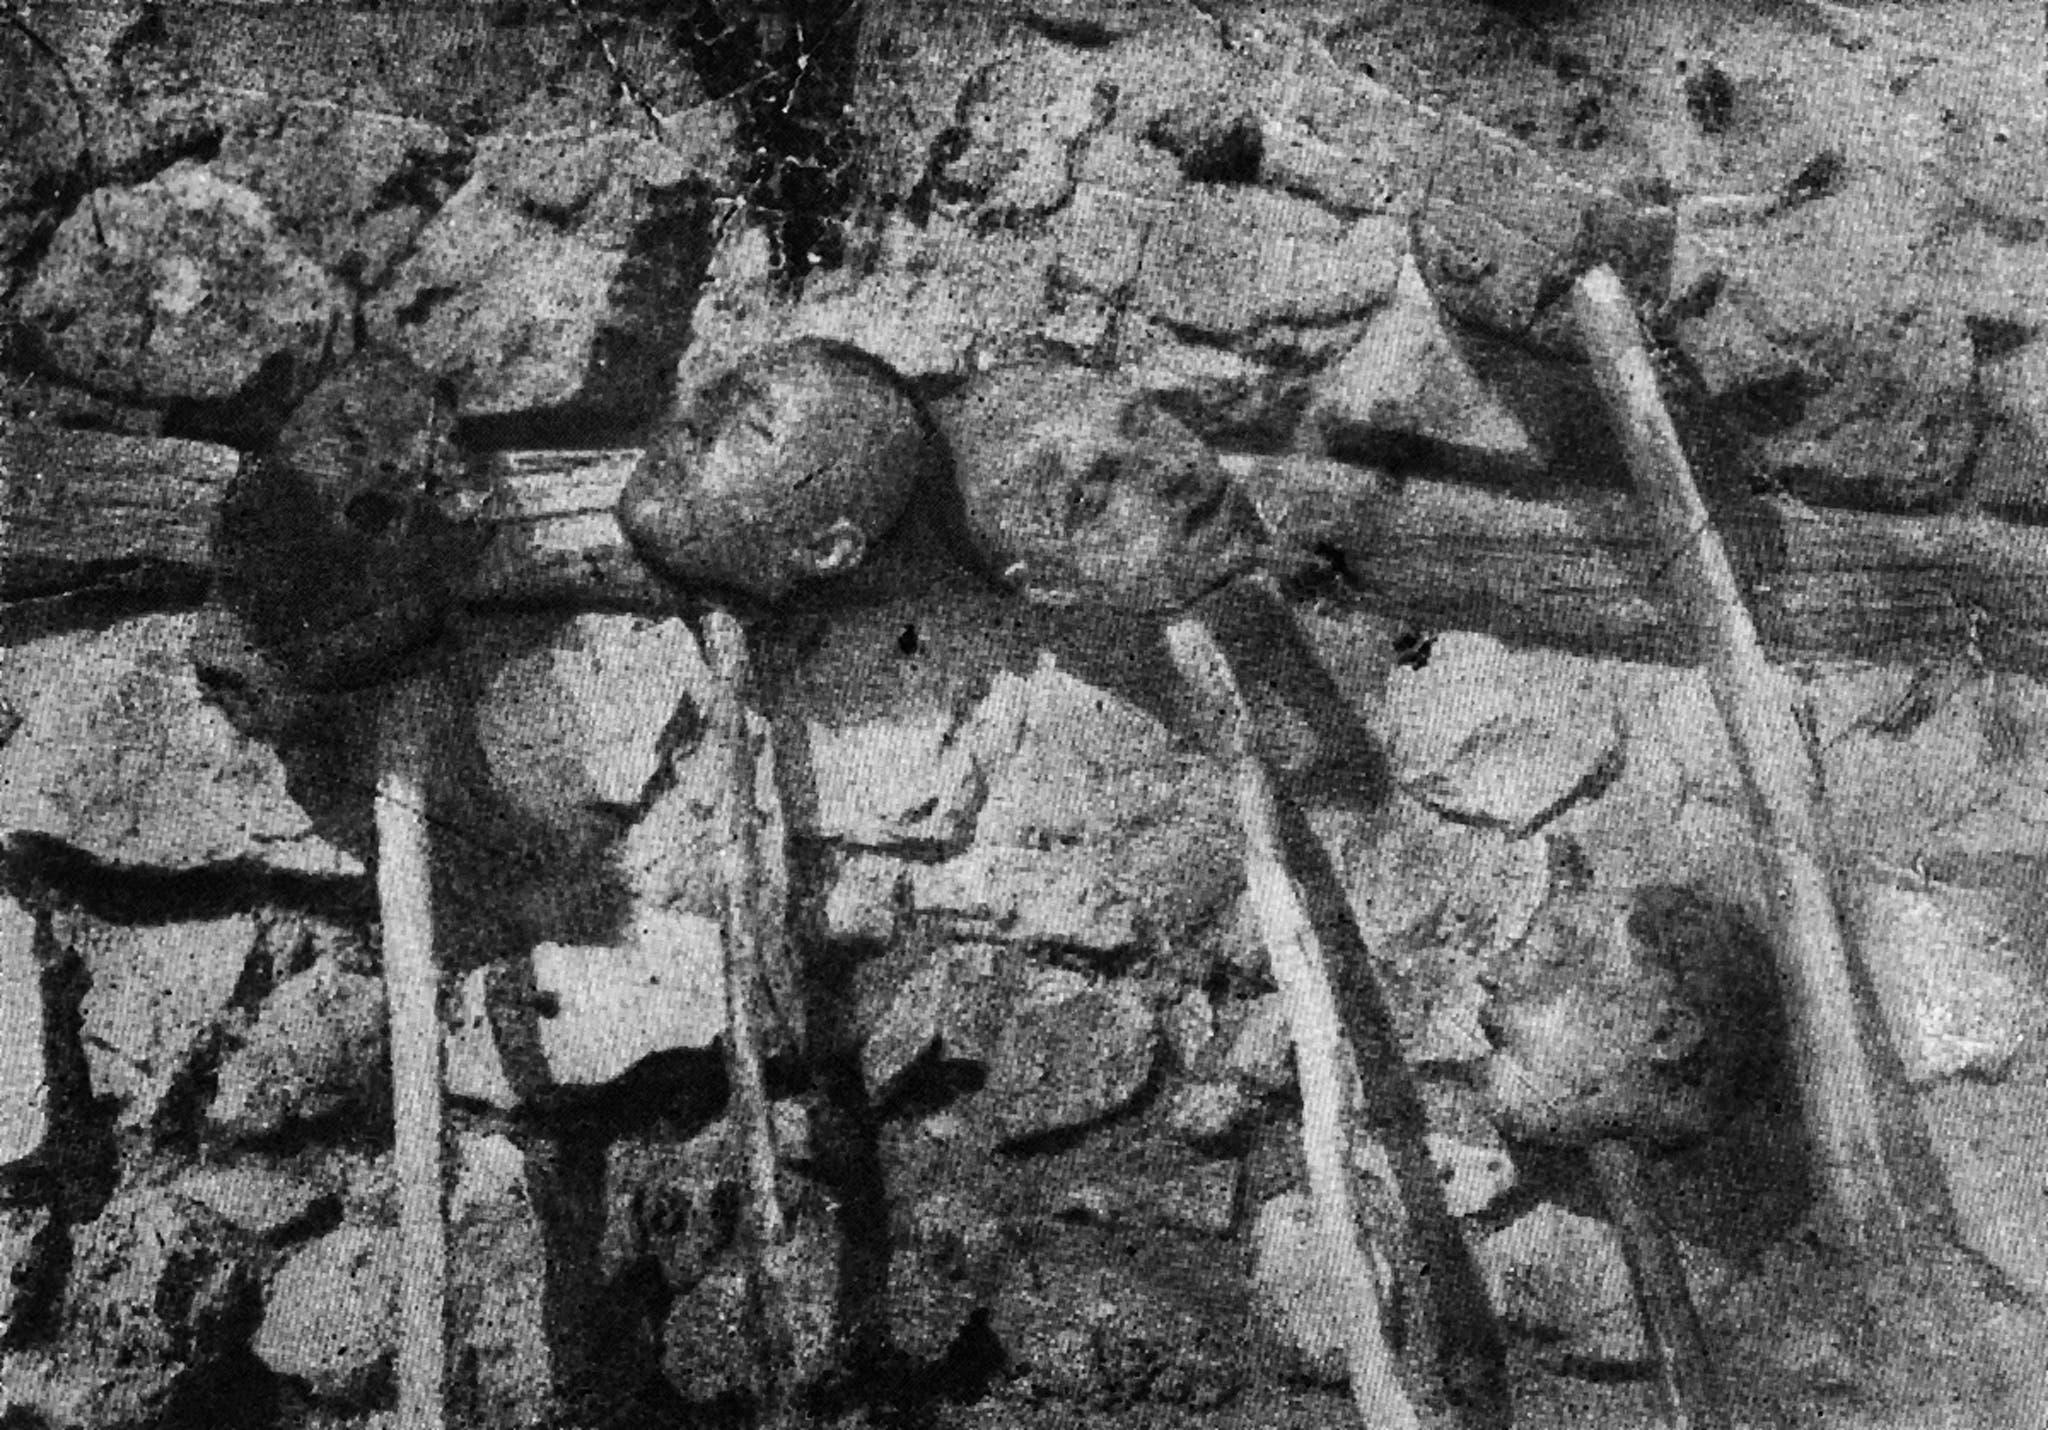 تصاویری از نسل کشی ارامنه در سال 1915 توسط  عثمانی